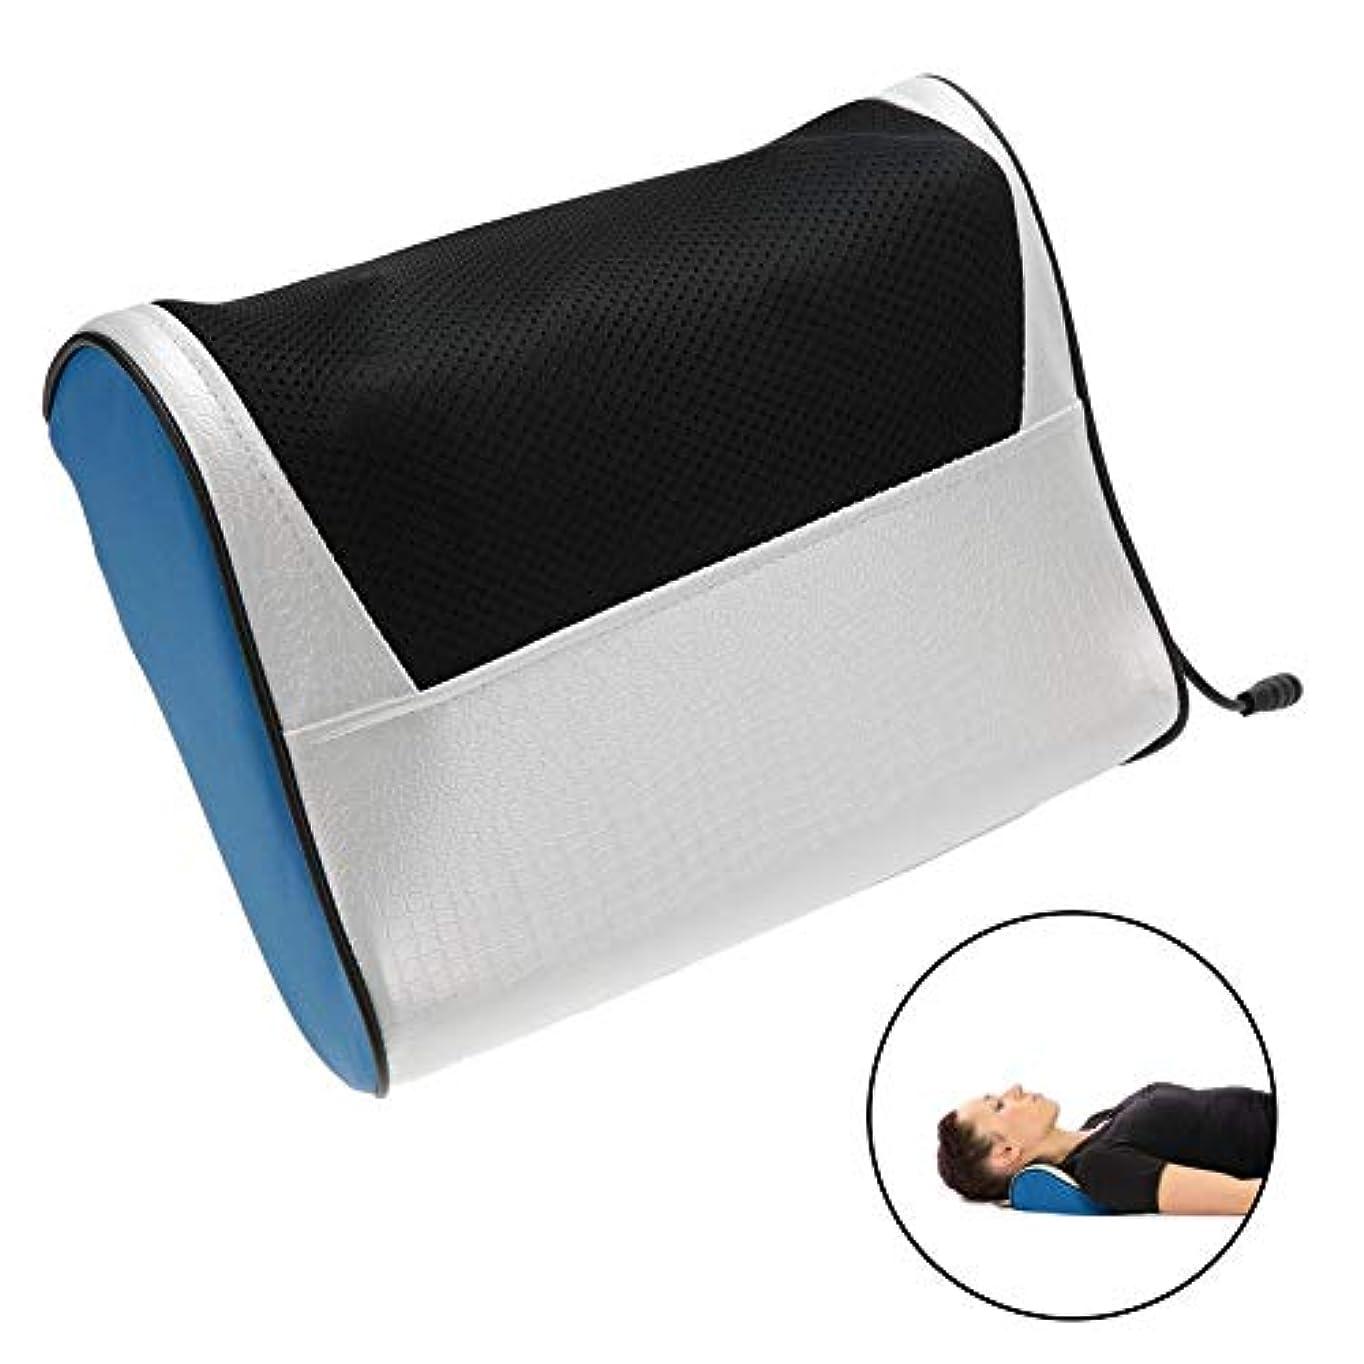 見えないまつげ懺悔指圧枕マッサージ、多機能電動ネックショルダーボディマッサージ枕熱疲労